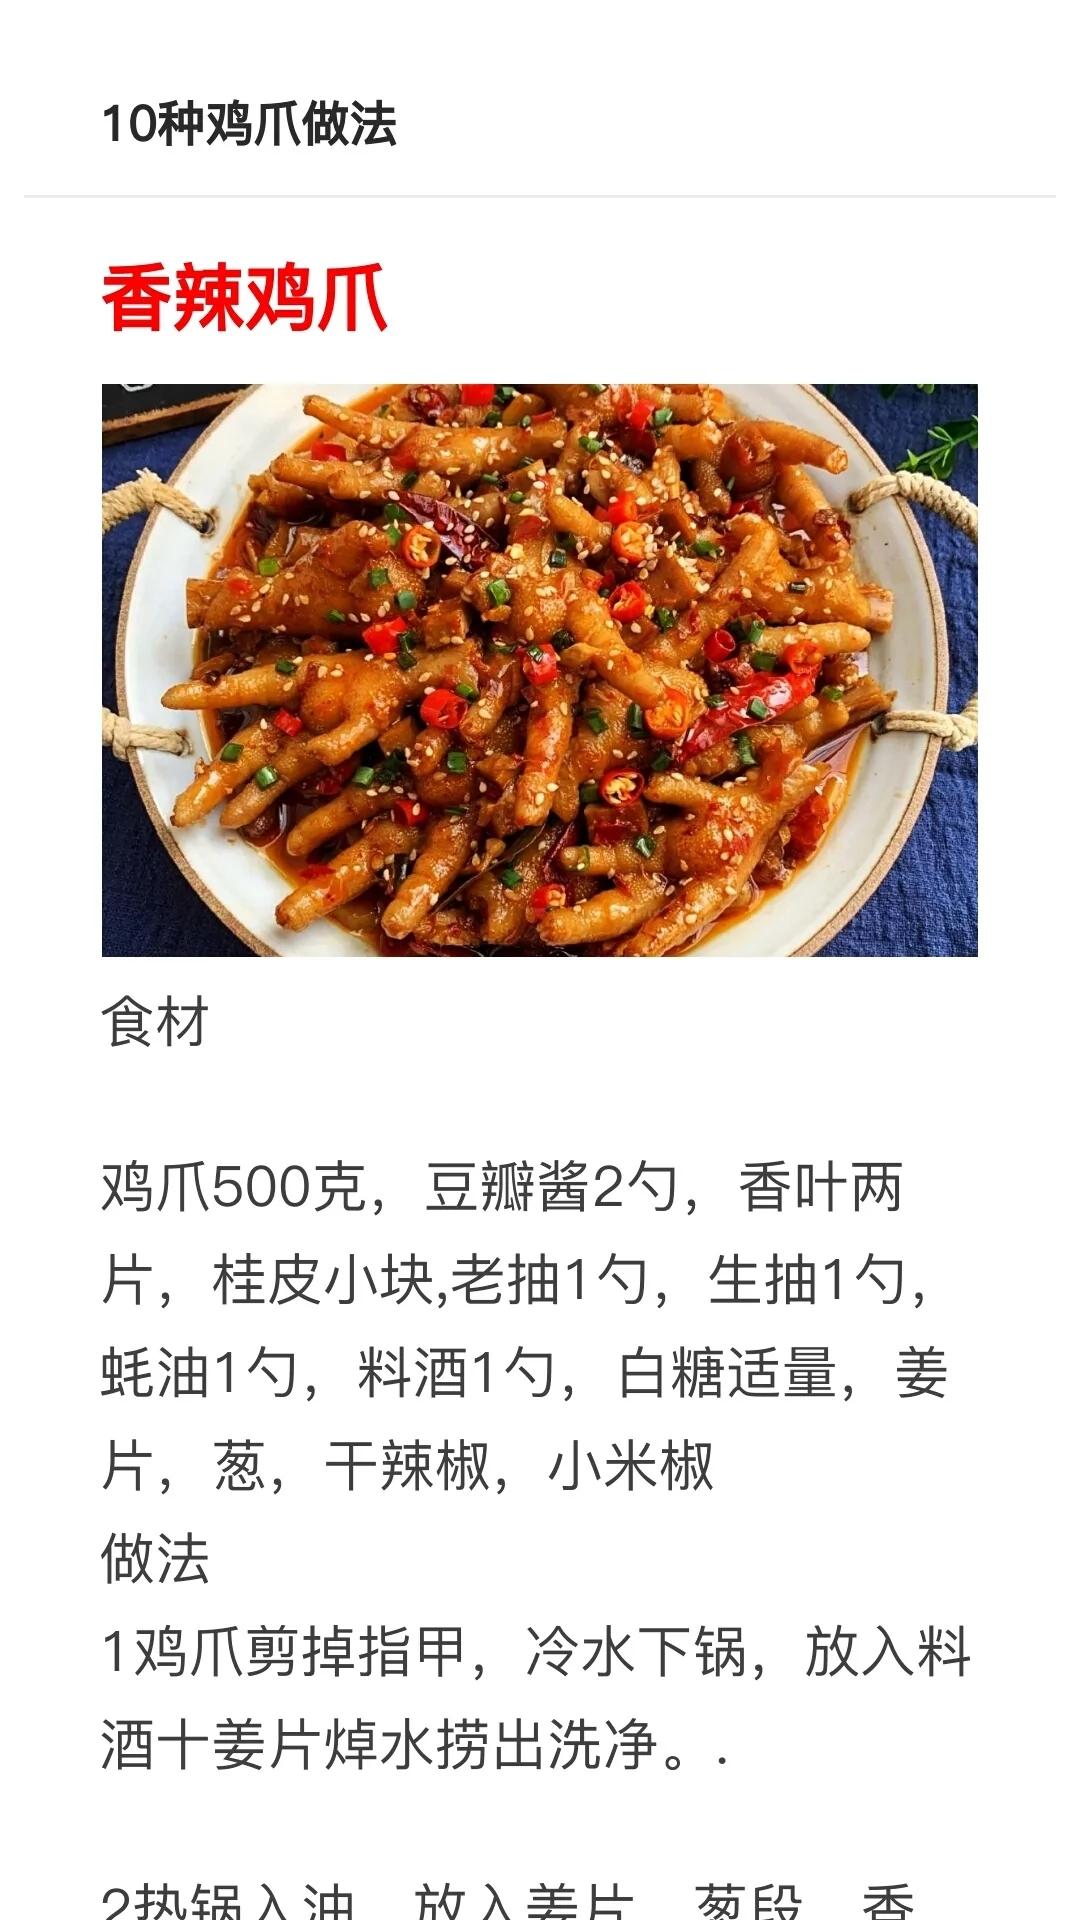 家常鸡爪的做法及配料 美食做法 第2张